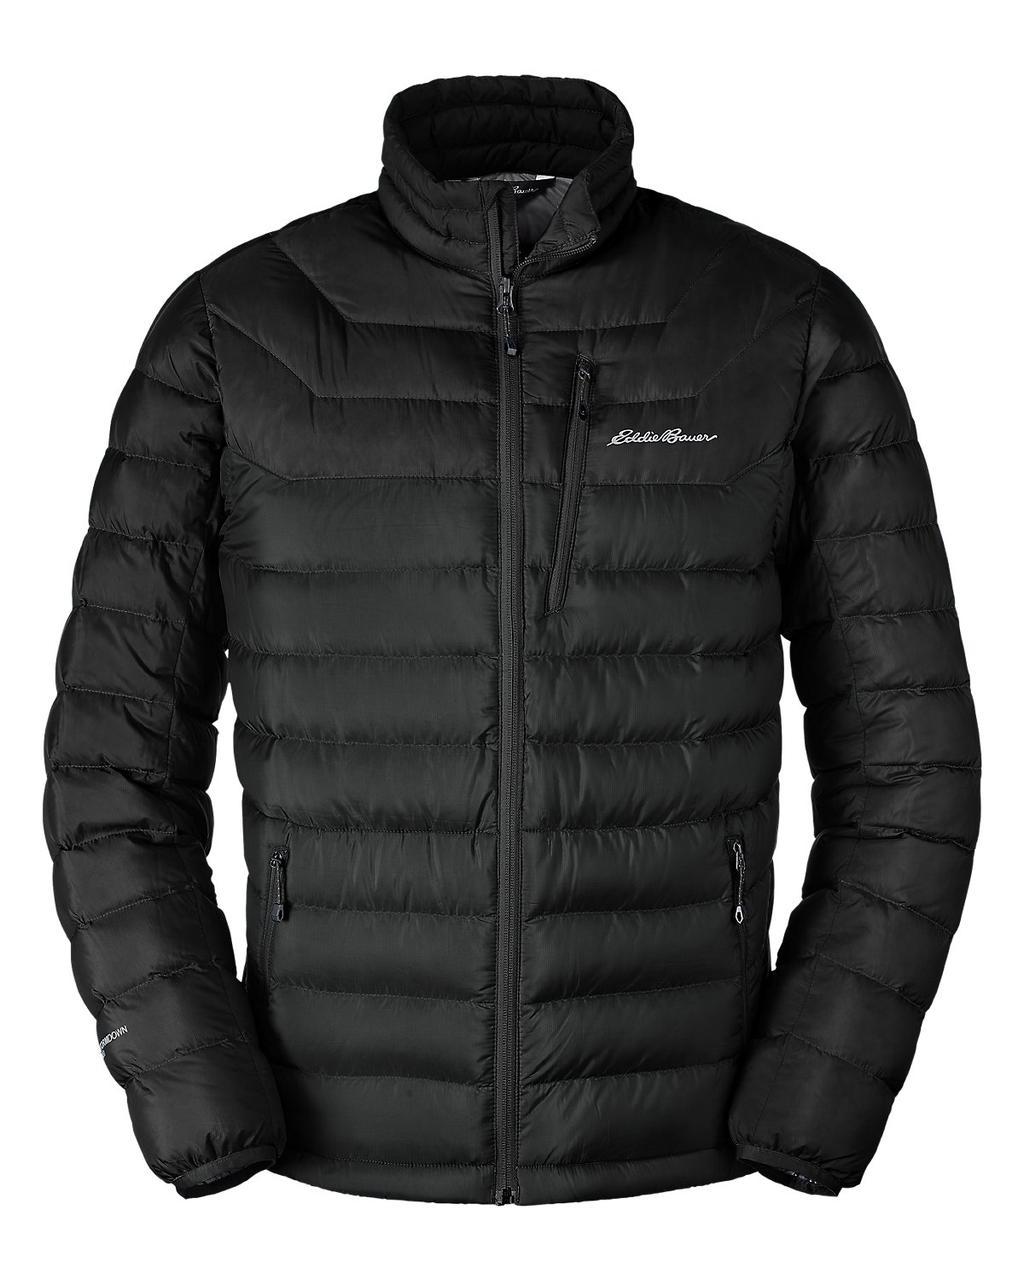 Куртка Eddie Bauer Mens Downlight Stormdown jacket M